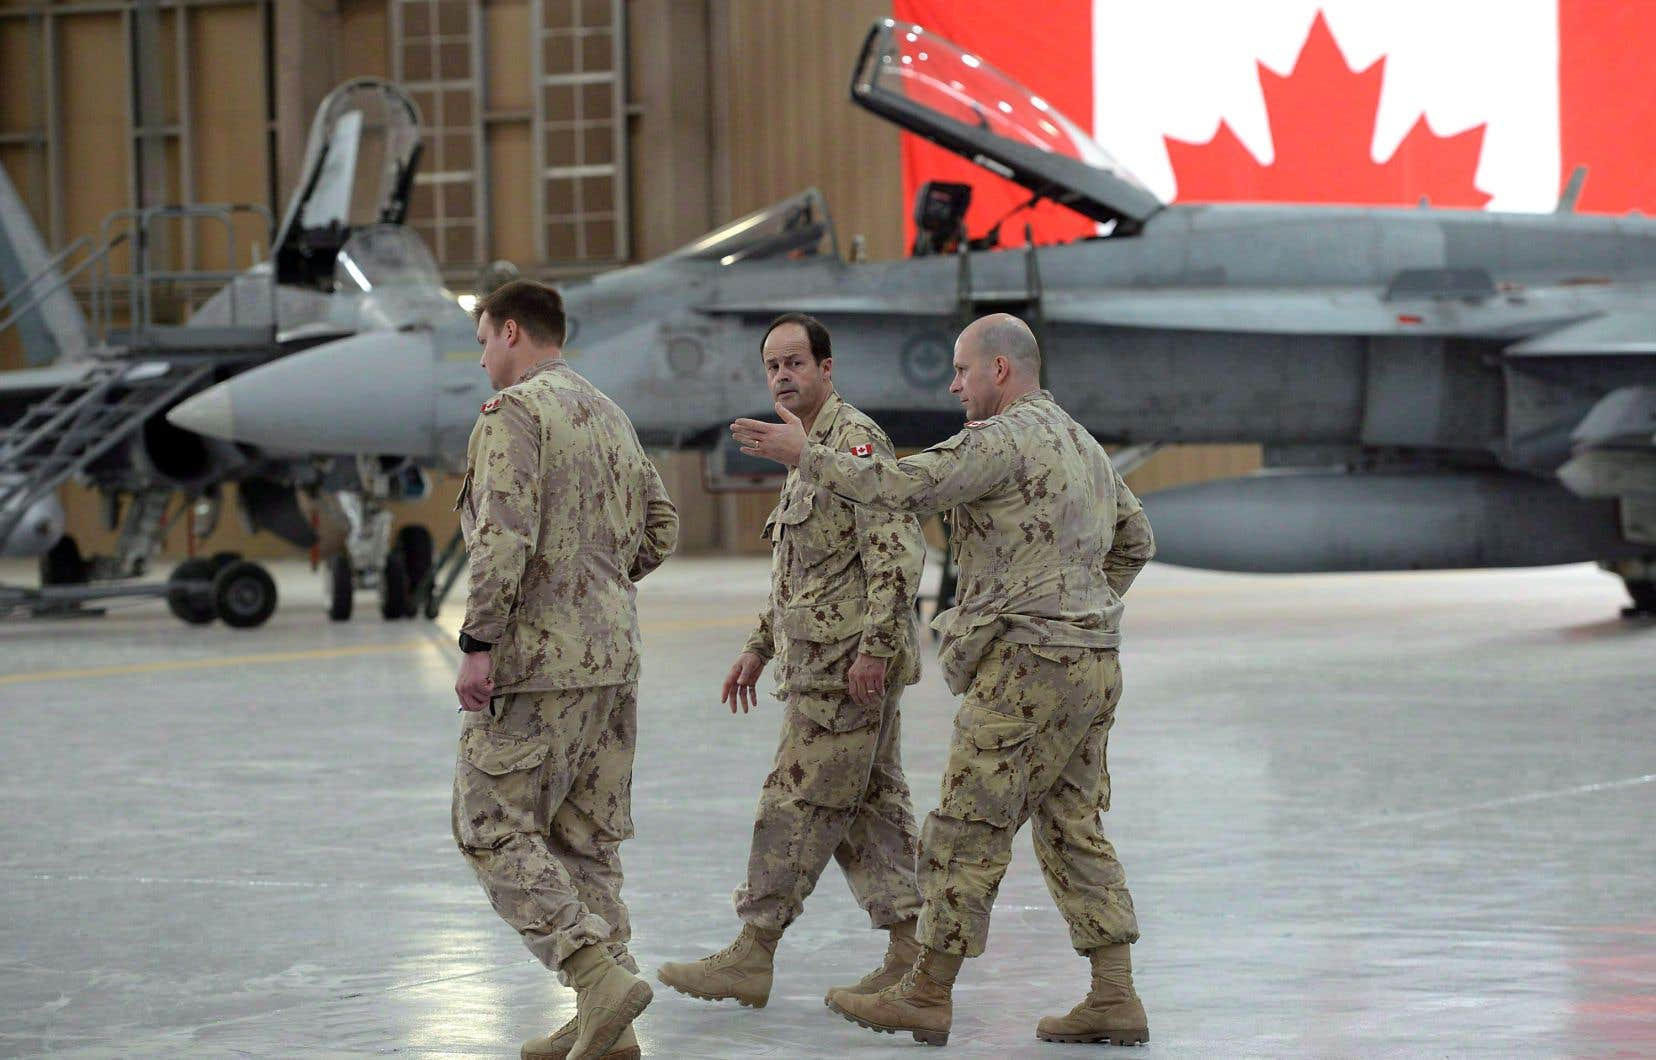 Le Canada possède 77 appareils CF-18 qui datent du début des années 1980. Ils sont notamment utilisés dans des missions de l'OTAN, comme ces appareils positionnés au camp Patrice-Vincent, au Koweït, en 2015.